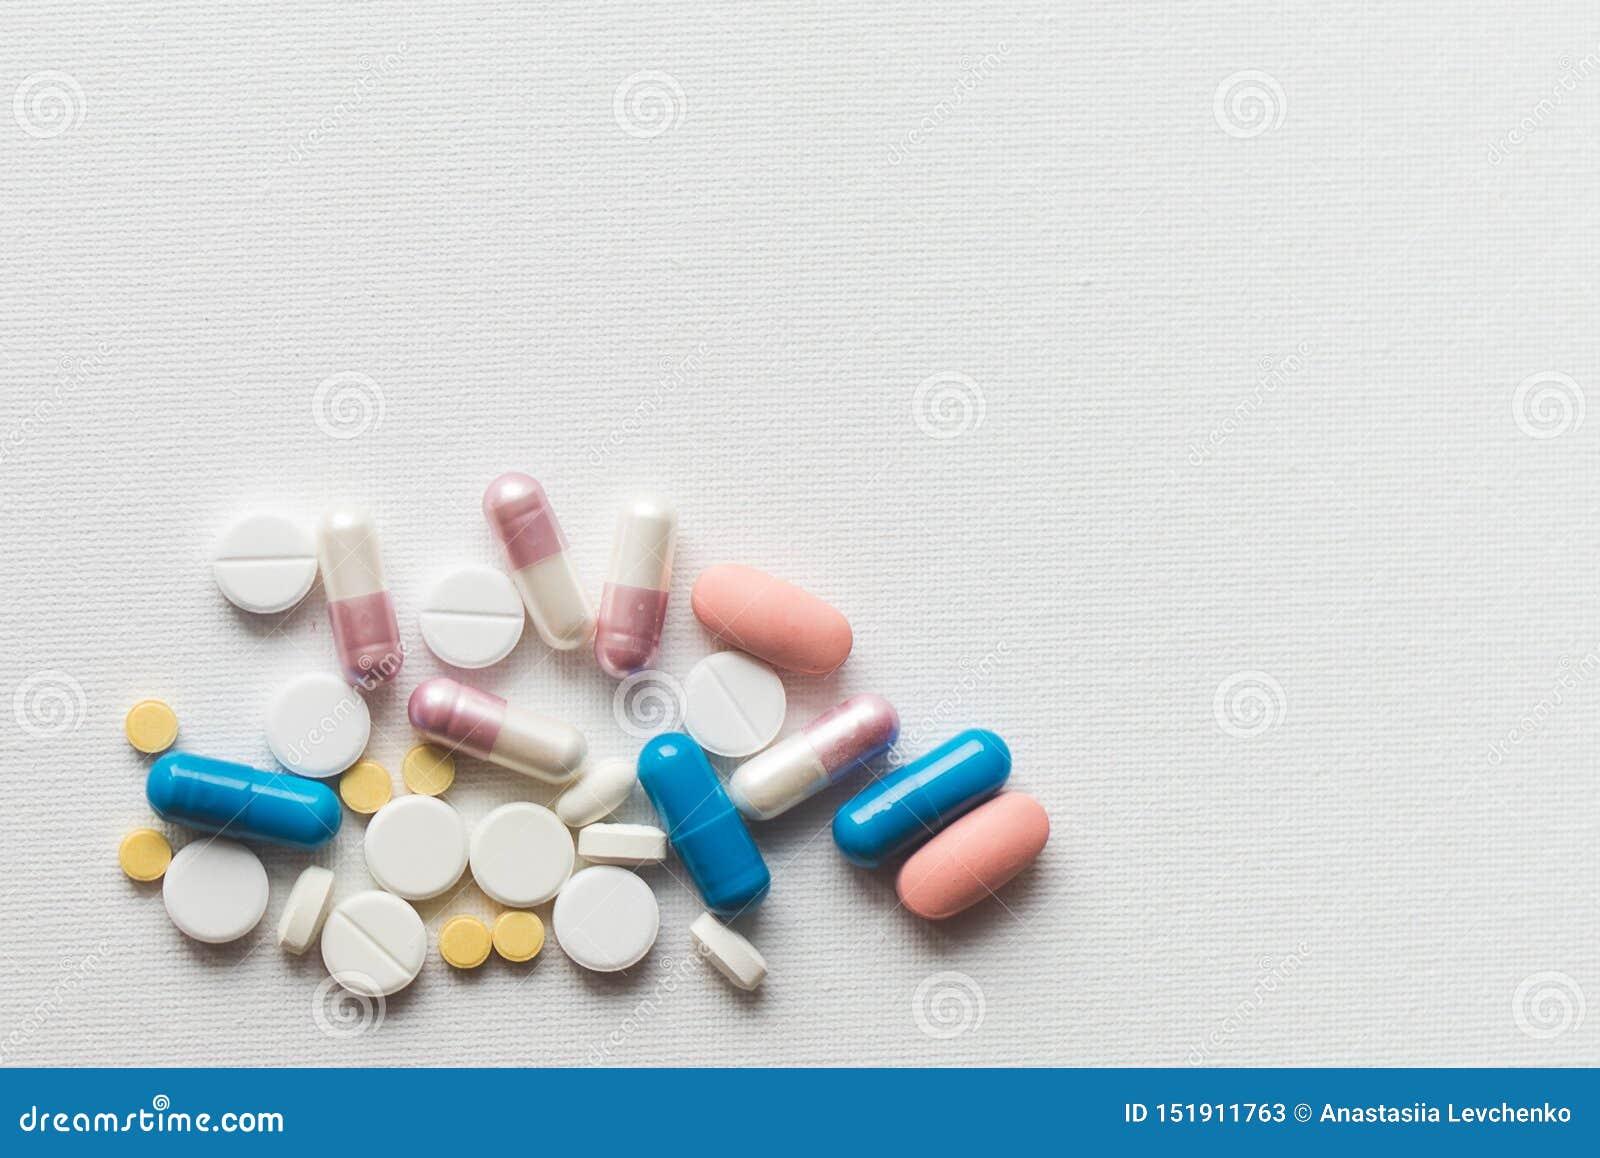 Geneeskundepillen of capsules op witte achtergrond, exemplaarruimte Farmaceutisch geneesmiddel voor gezondheid antibiotisch